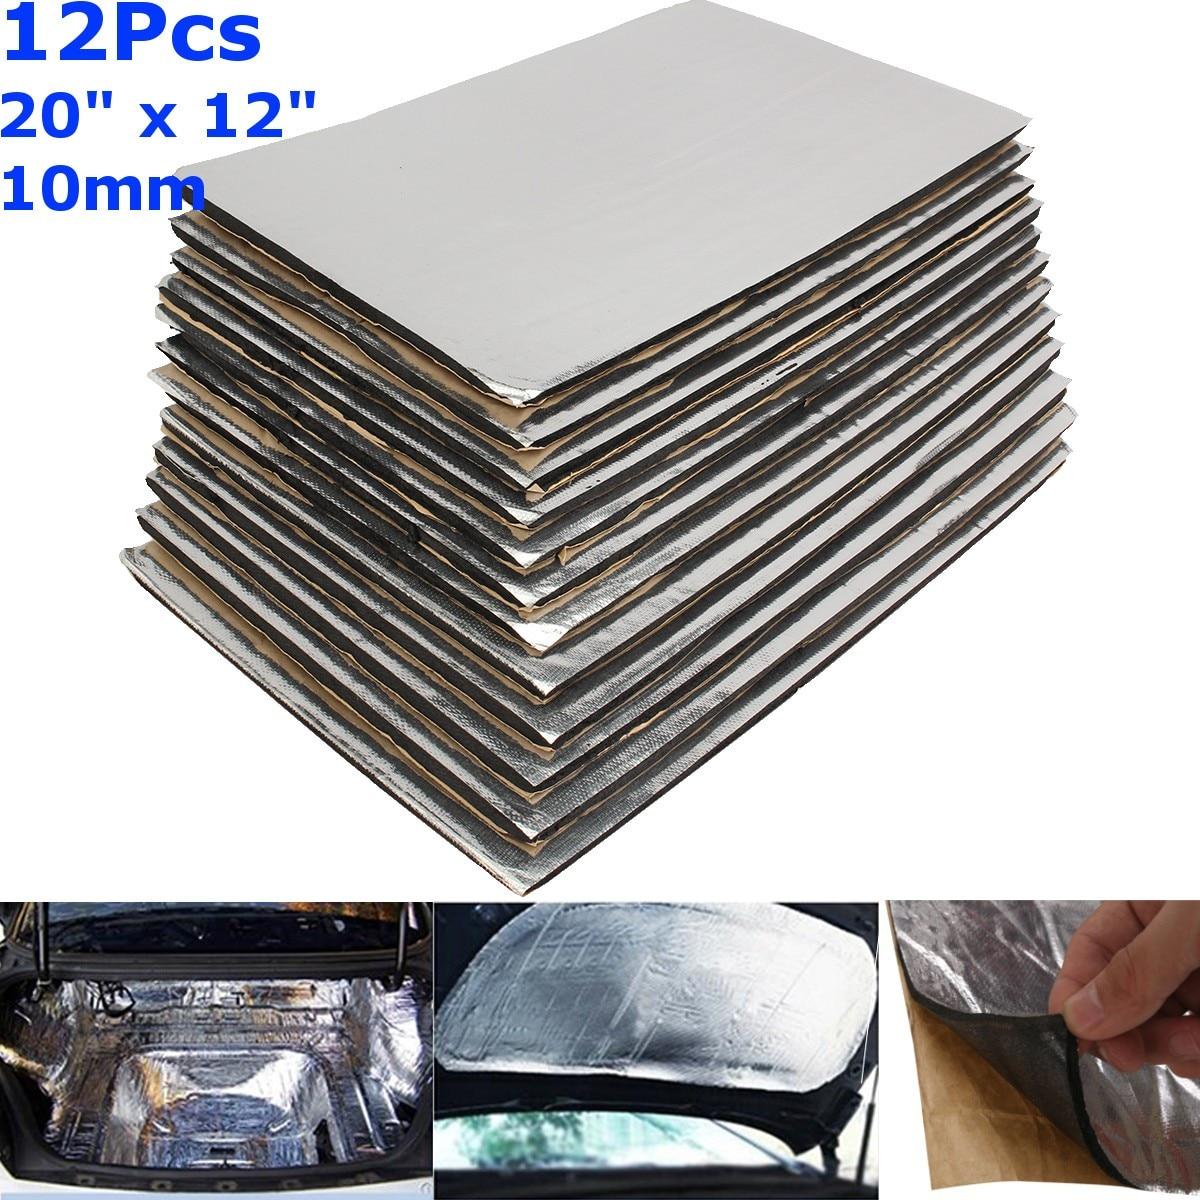 9 stücke/12 stücke 10mm 8mm 6mm Auto Sound Matte Proofing Deadener Wärme Noise Isolierung Trittschalldämmung matte Haube Geschlossen Schaumstoff 50x30cm